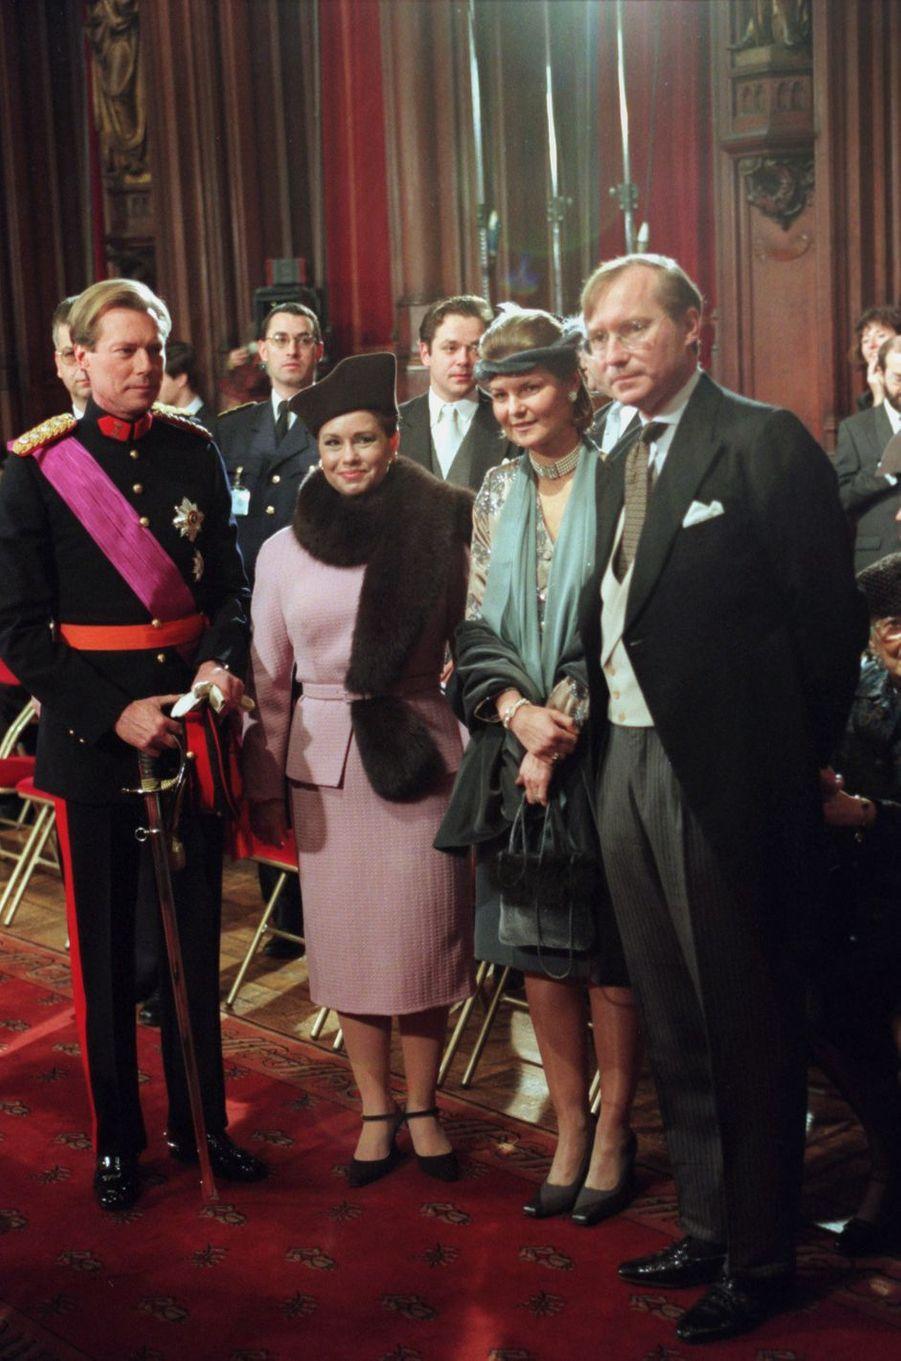 Le grand-duc héritier Henri, la grande-duchesse héritière Maria Teresa, la princesse Margaretha et le prince Jean de Luxembourg, à Bruxelles le 4 décembre 1999